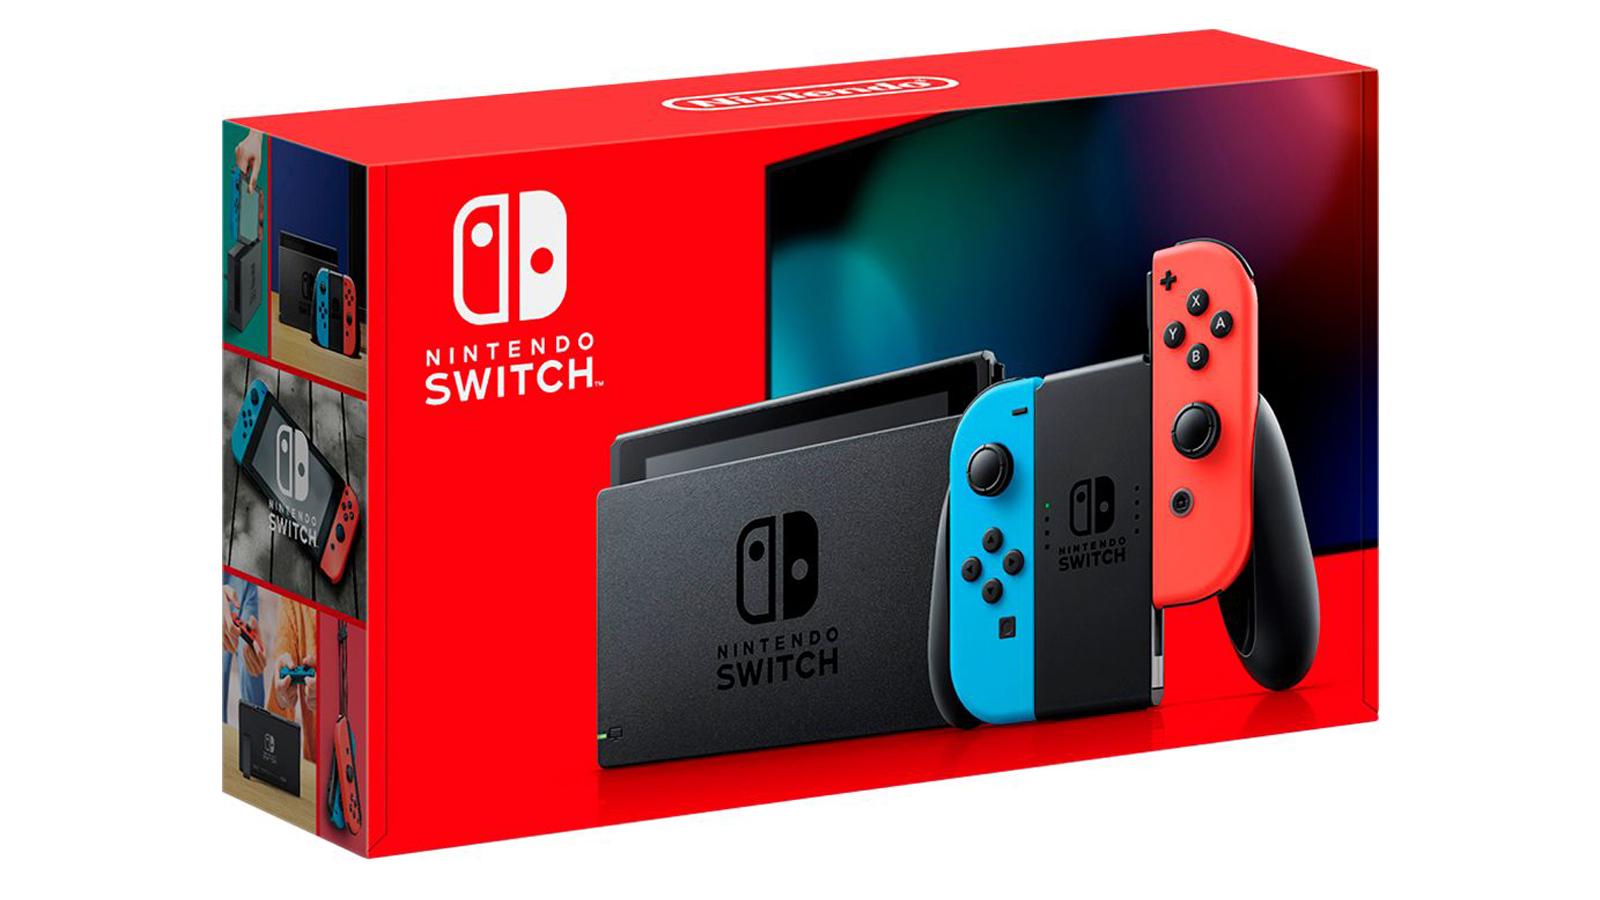 La (nouvelle) Nintendo Switch passe à 279 euros grâce à ce code promo